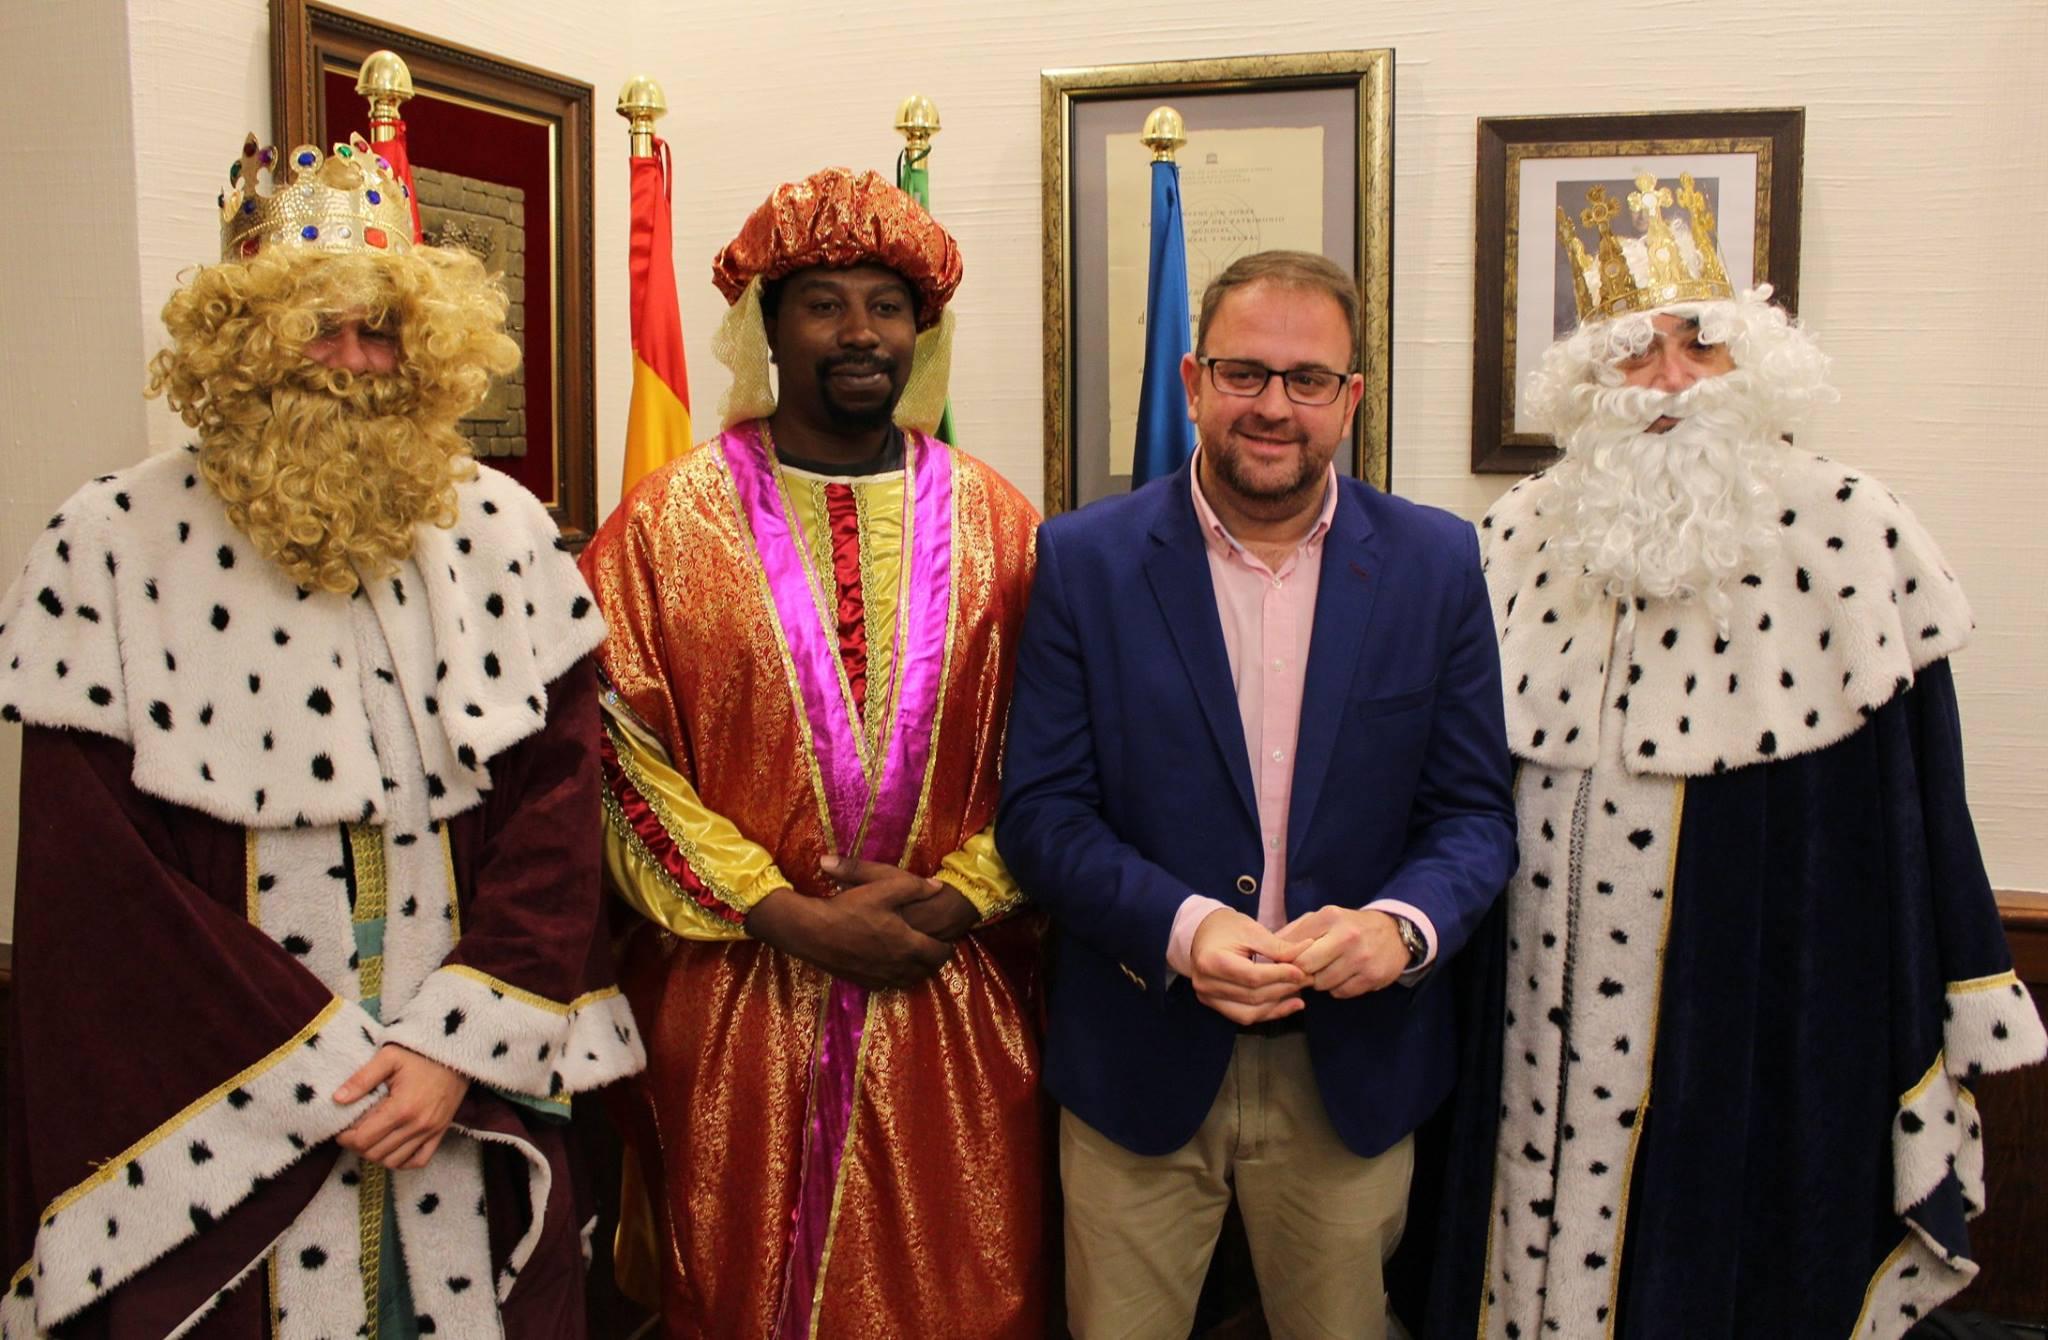 La Cabalgata de Reyes de Mérida se adelanta al jueves 4 de enero